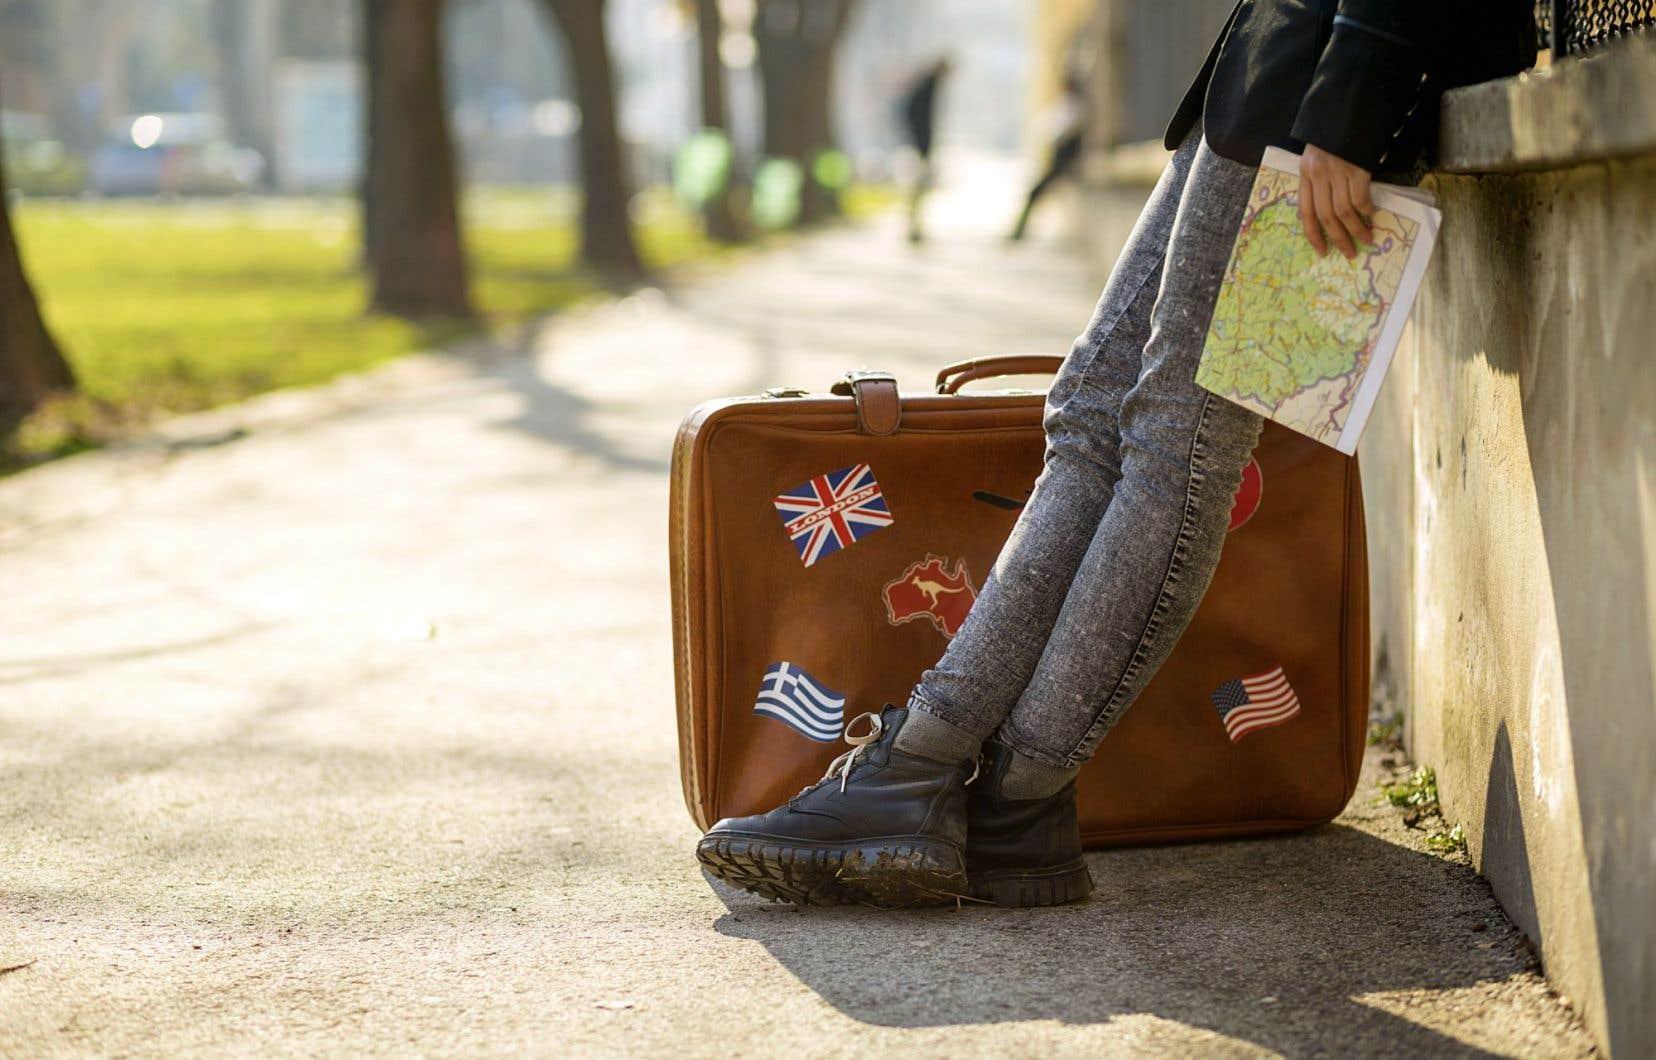 Même si les voyageurs solitaires masculins sont majoritaires (60%), le nombre d'aventurières ne cesse de croître, notent des analystes britanniques.